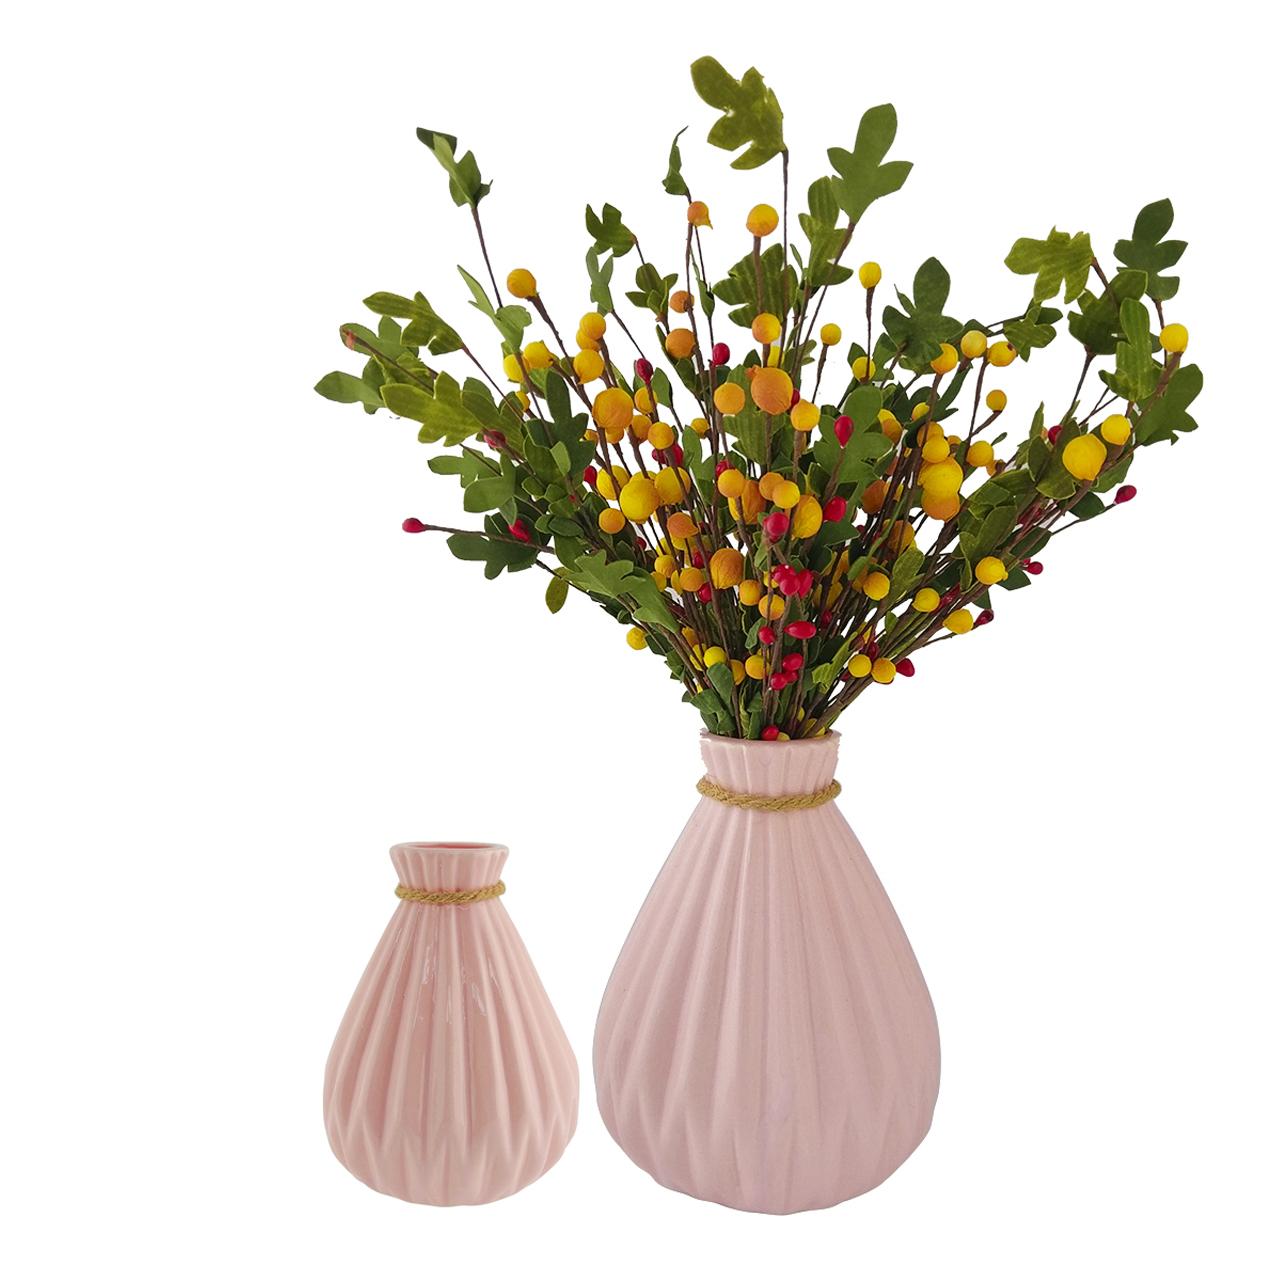 گلدان به همراه گل مصنوعی هومز طرح میوه کد 711316 مجموعه 2 عددی